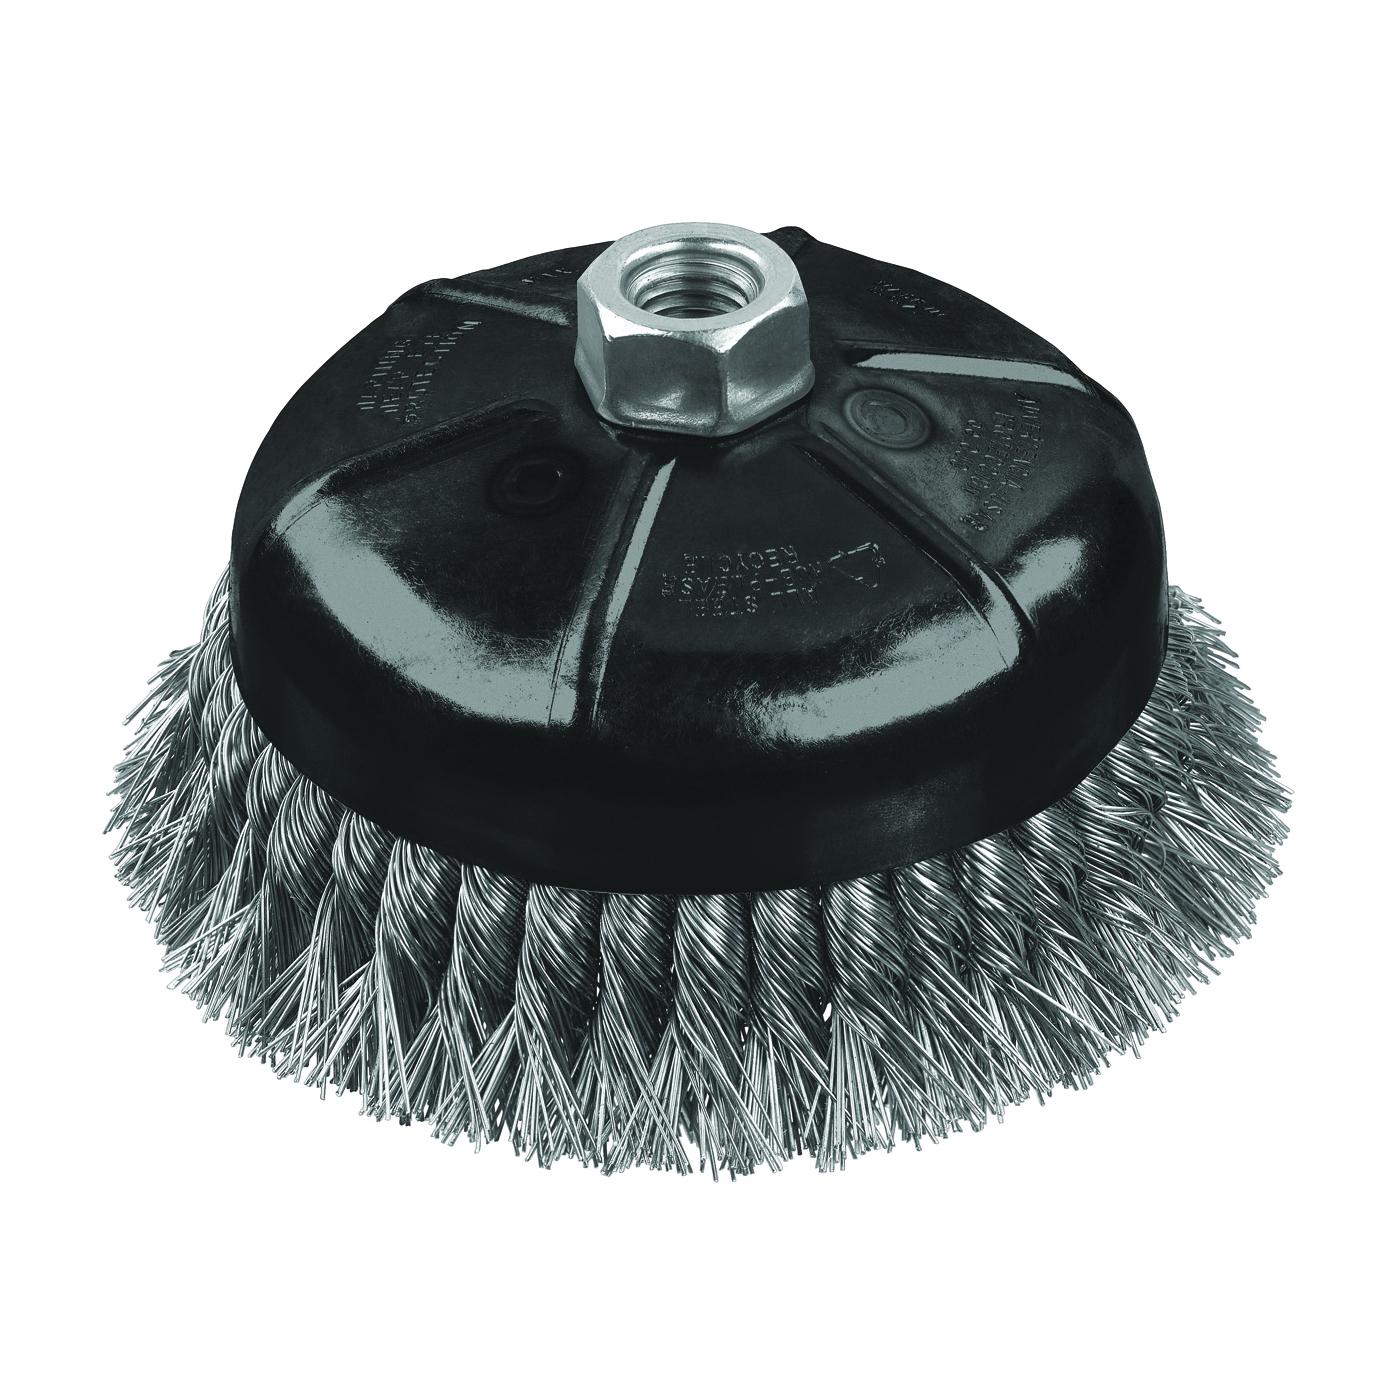 Picture of DeWALT DW4916 Wire Cup Brush, 3 in Dia, 5/8-11 Arbor/Shank, 0.02 in Dia Bristle